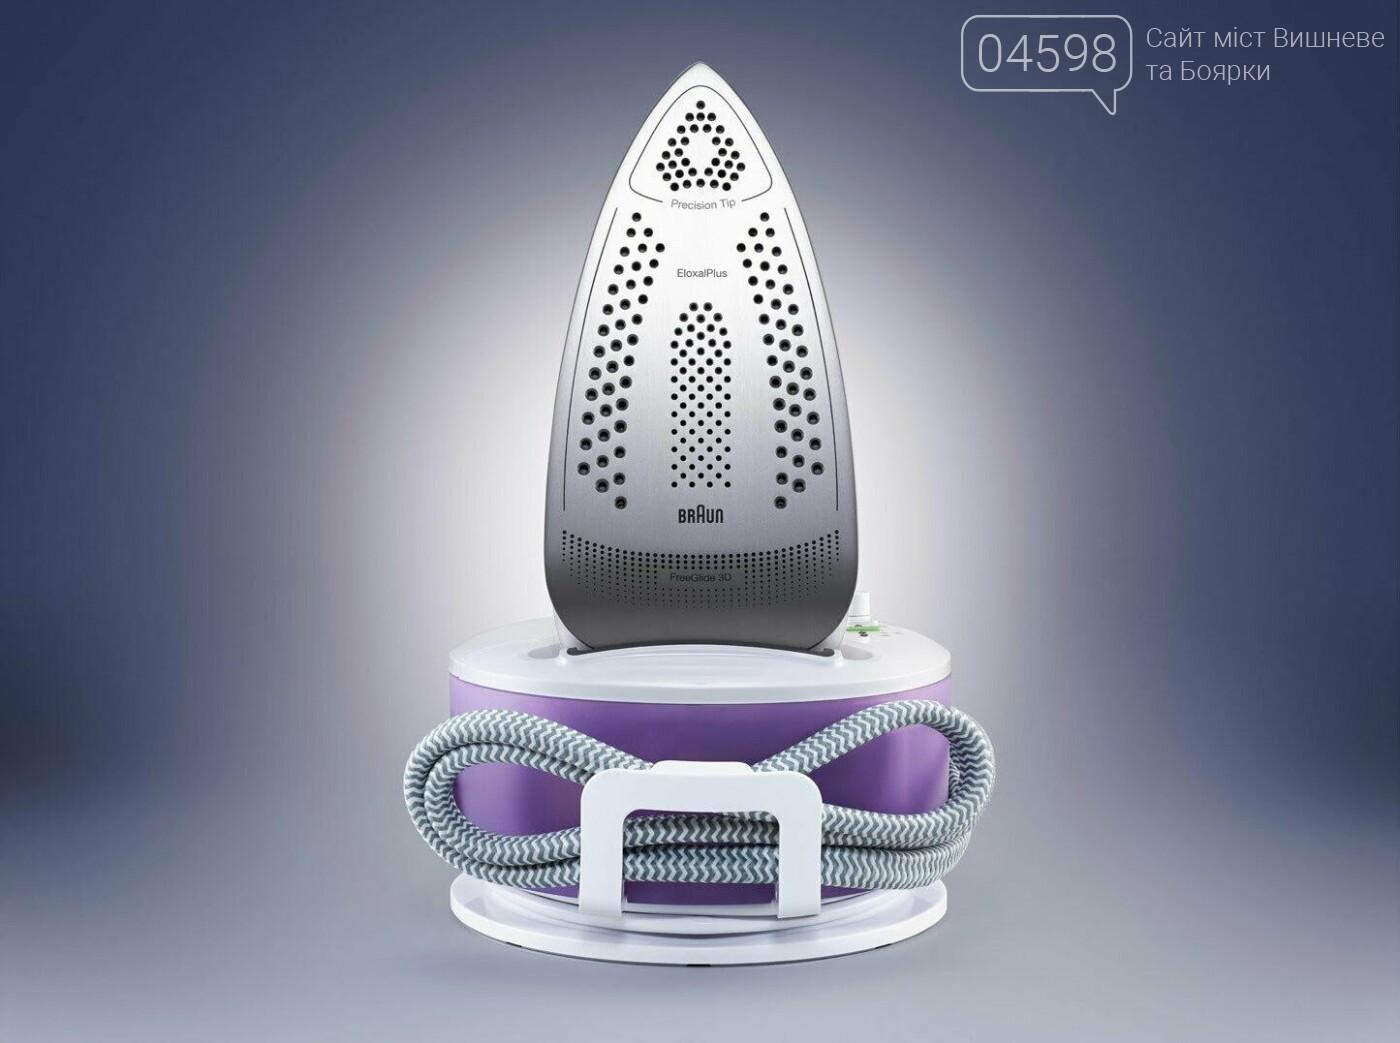 Праски Braun: сучасні моделі з відпарюванням для полегшення процесу прасування і її ефективності, фото-1